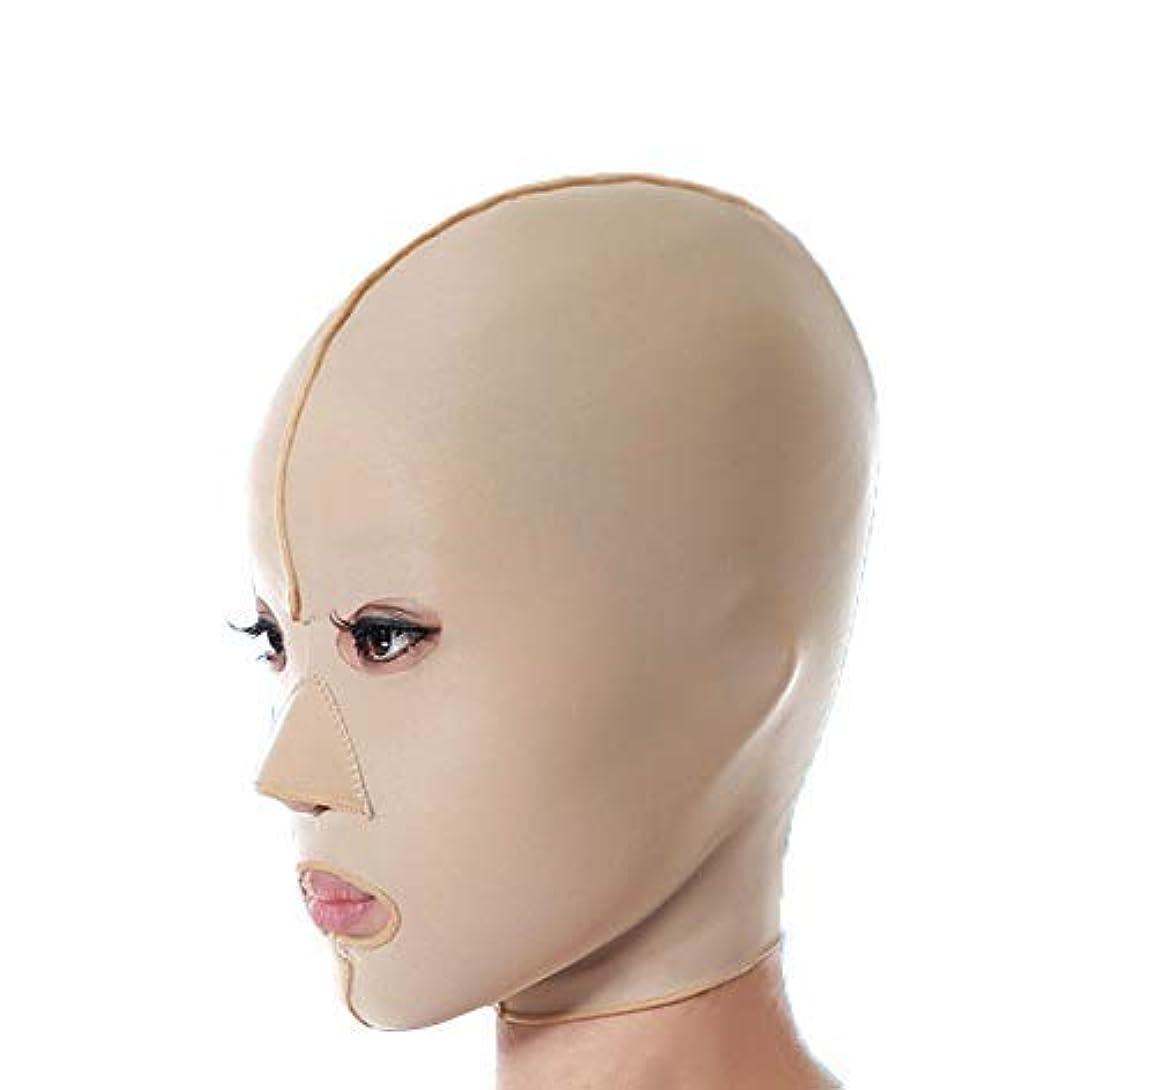 マスク割れ目一元化するファーミングフェイスマスク、フェイシャルマスク医学強力なフェイスマスクアーティファクト美容垂れ防止法パターンフェイシャルリフティングファーミングフルフェイスマスク(サイズ:M),Xl